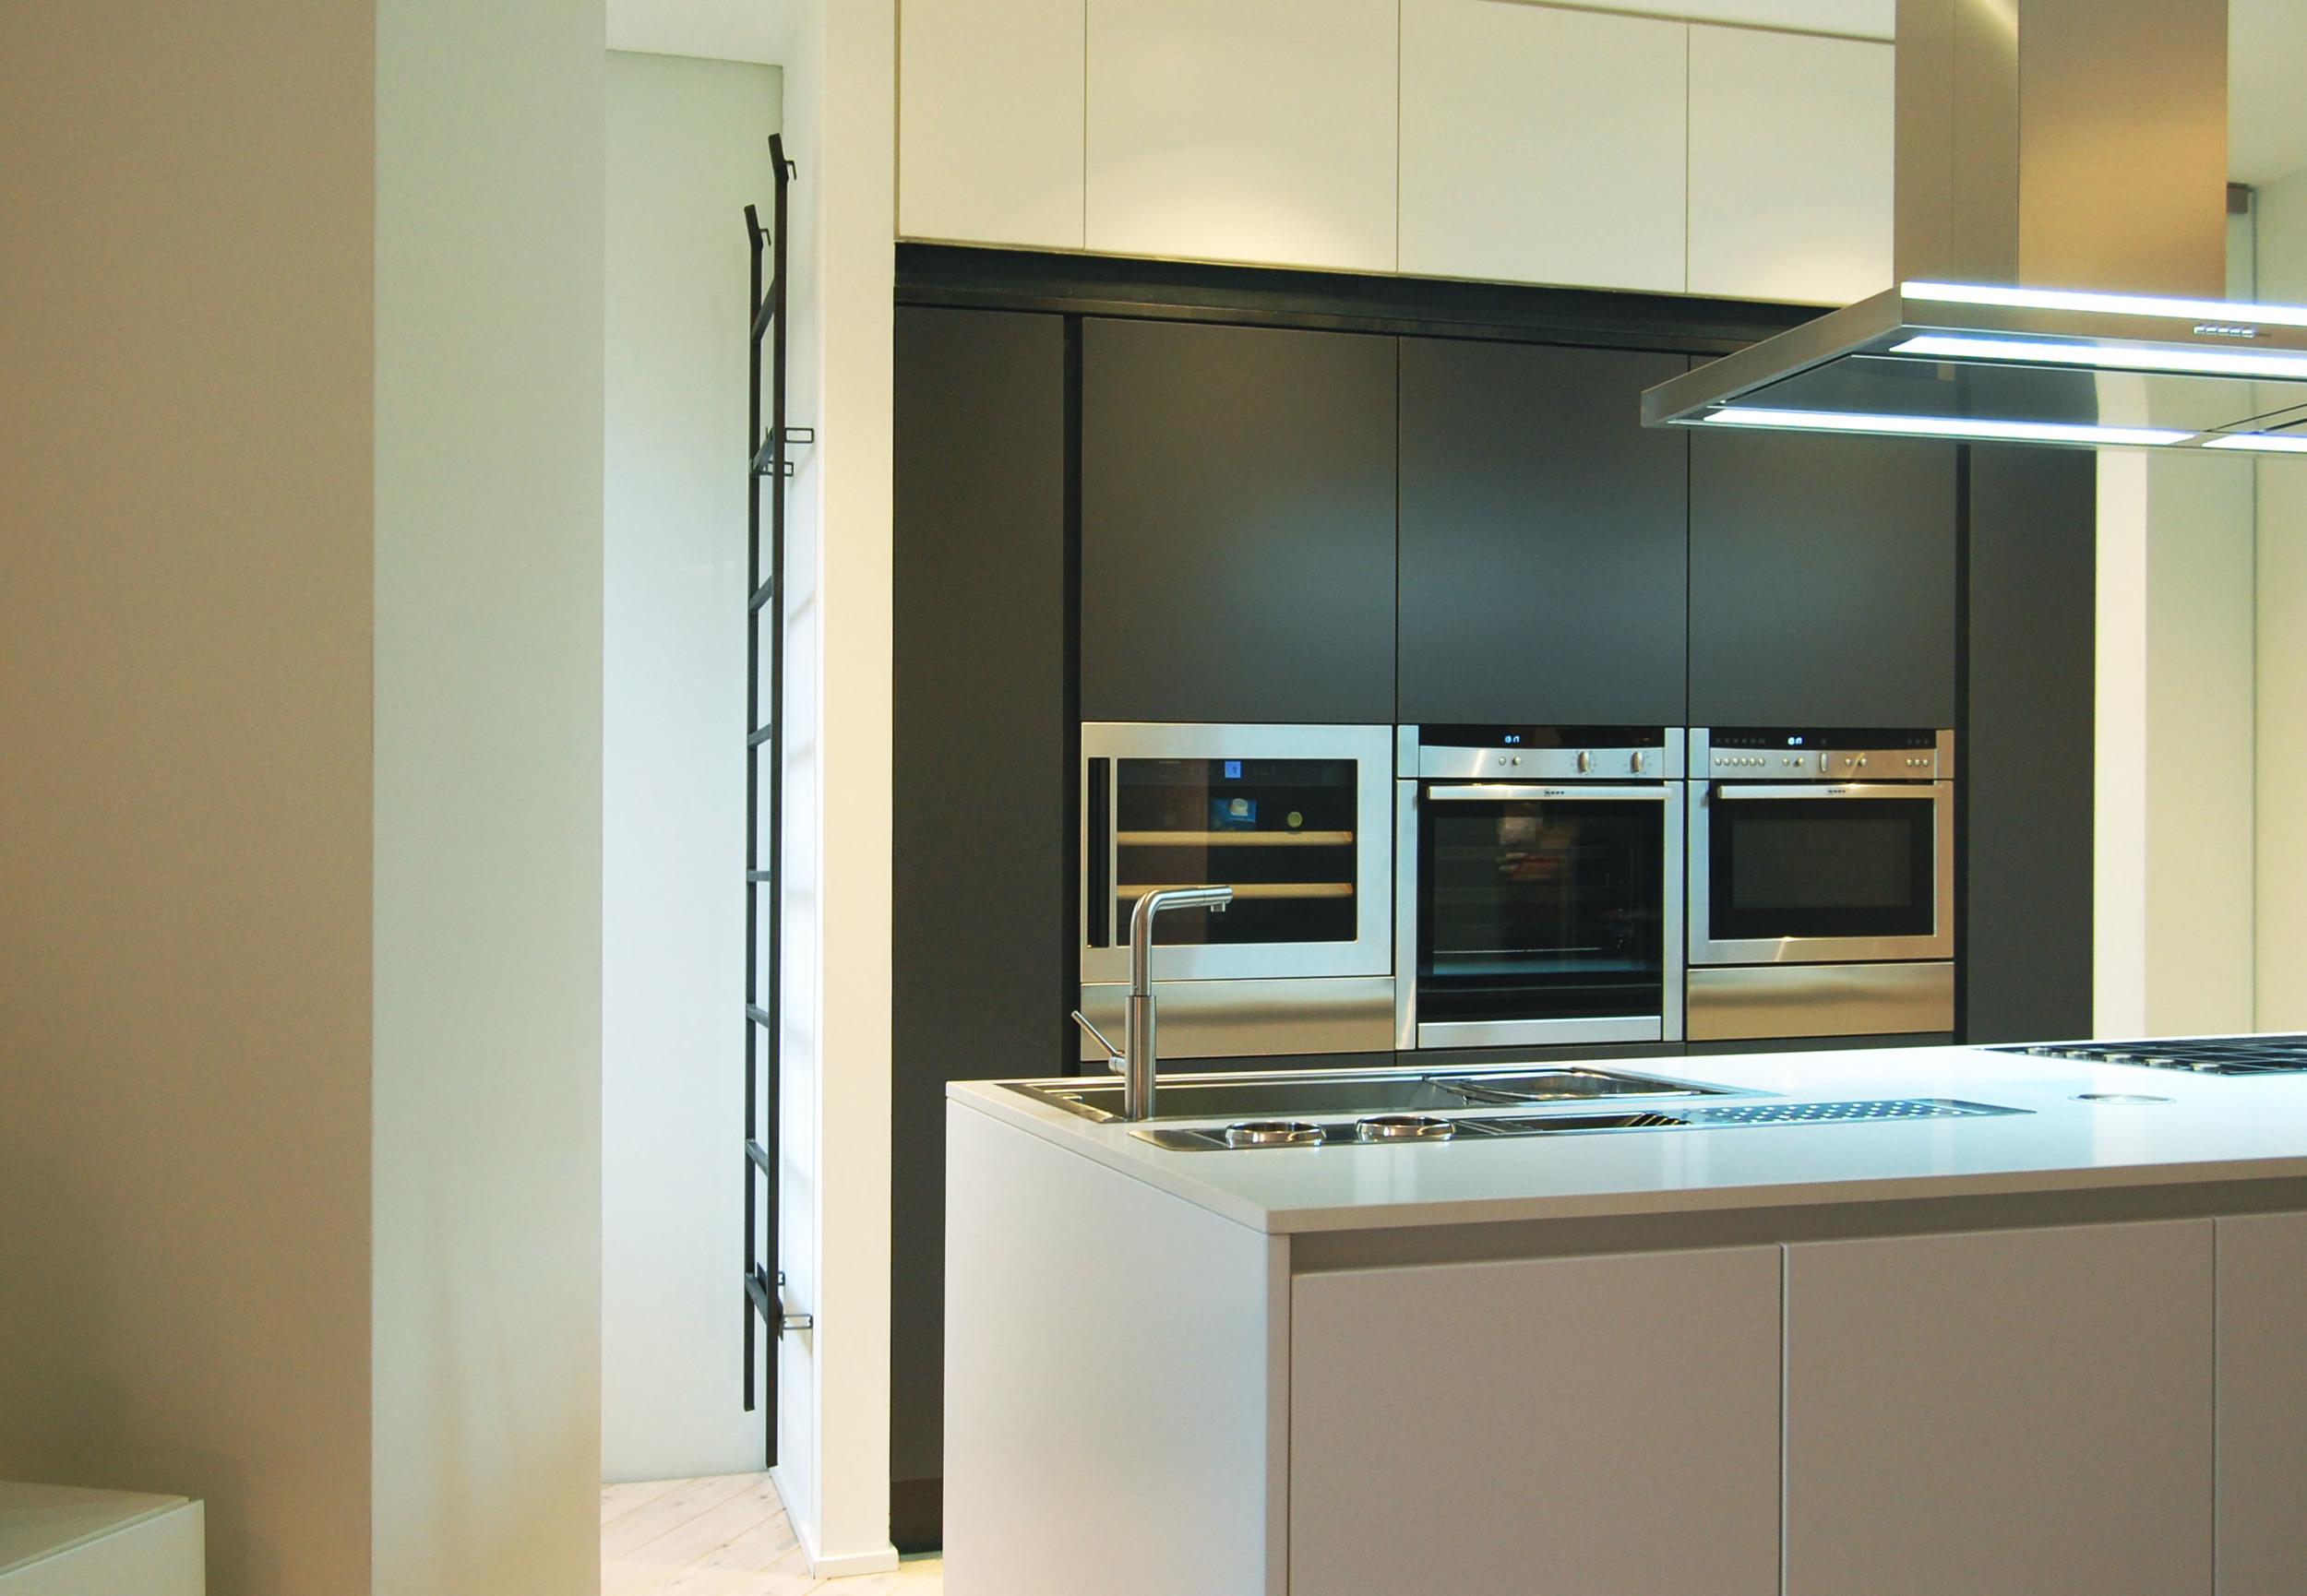 La cucina ad isola con alle spalle le colonne attrezzate. Una scala in metallo rimovibile consente l'utilizzo dei vani più alti.